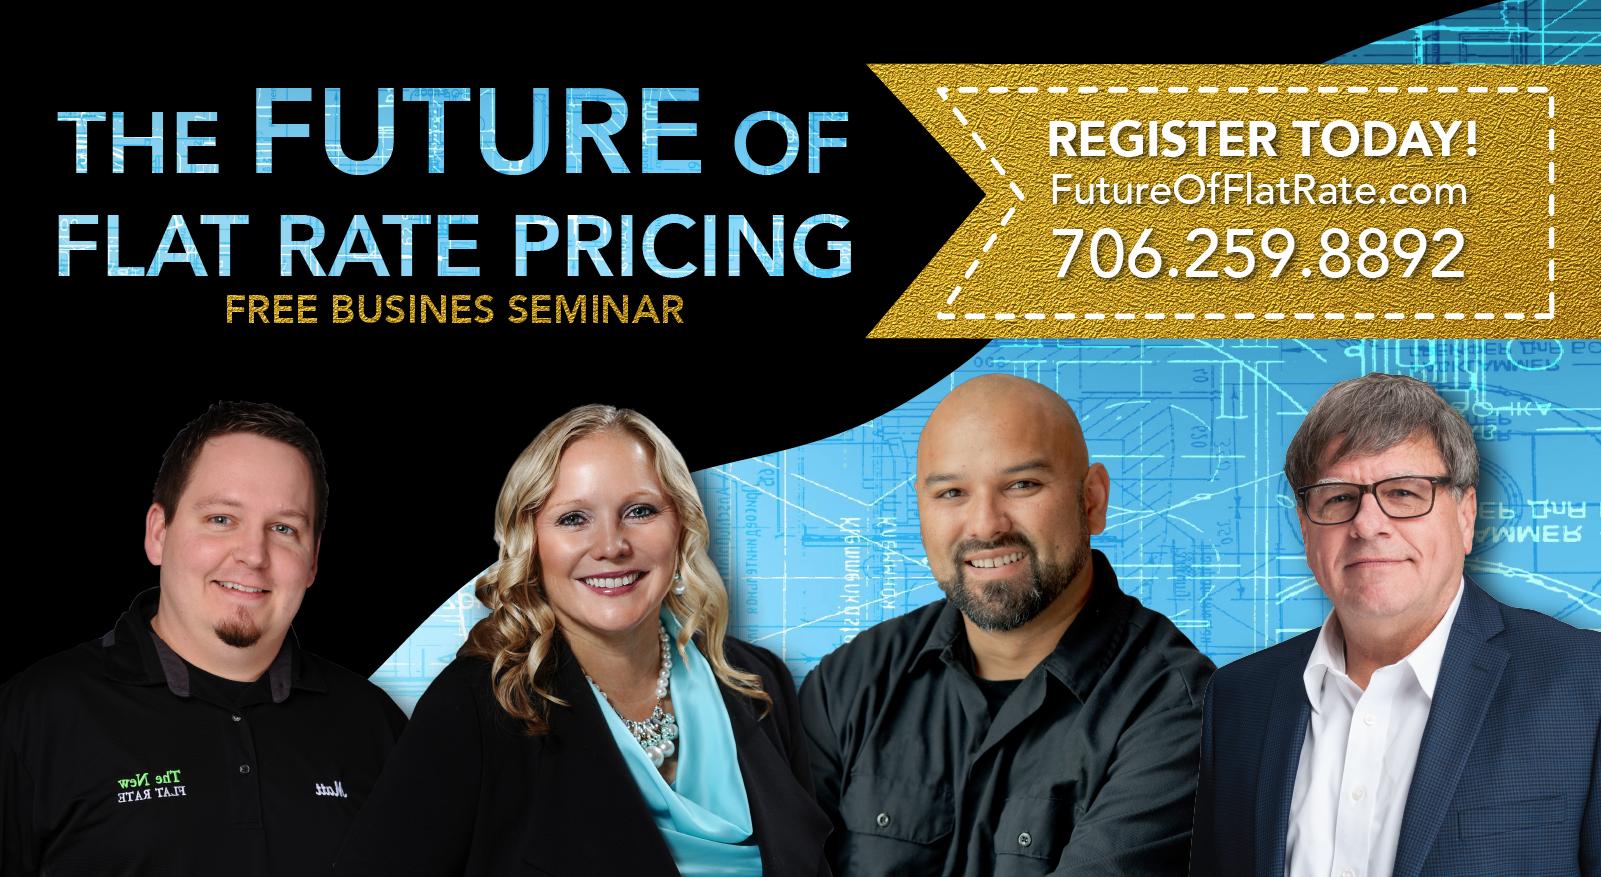 flat rate pricing seminar